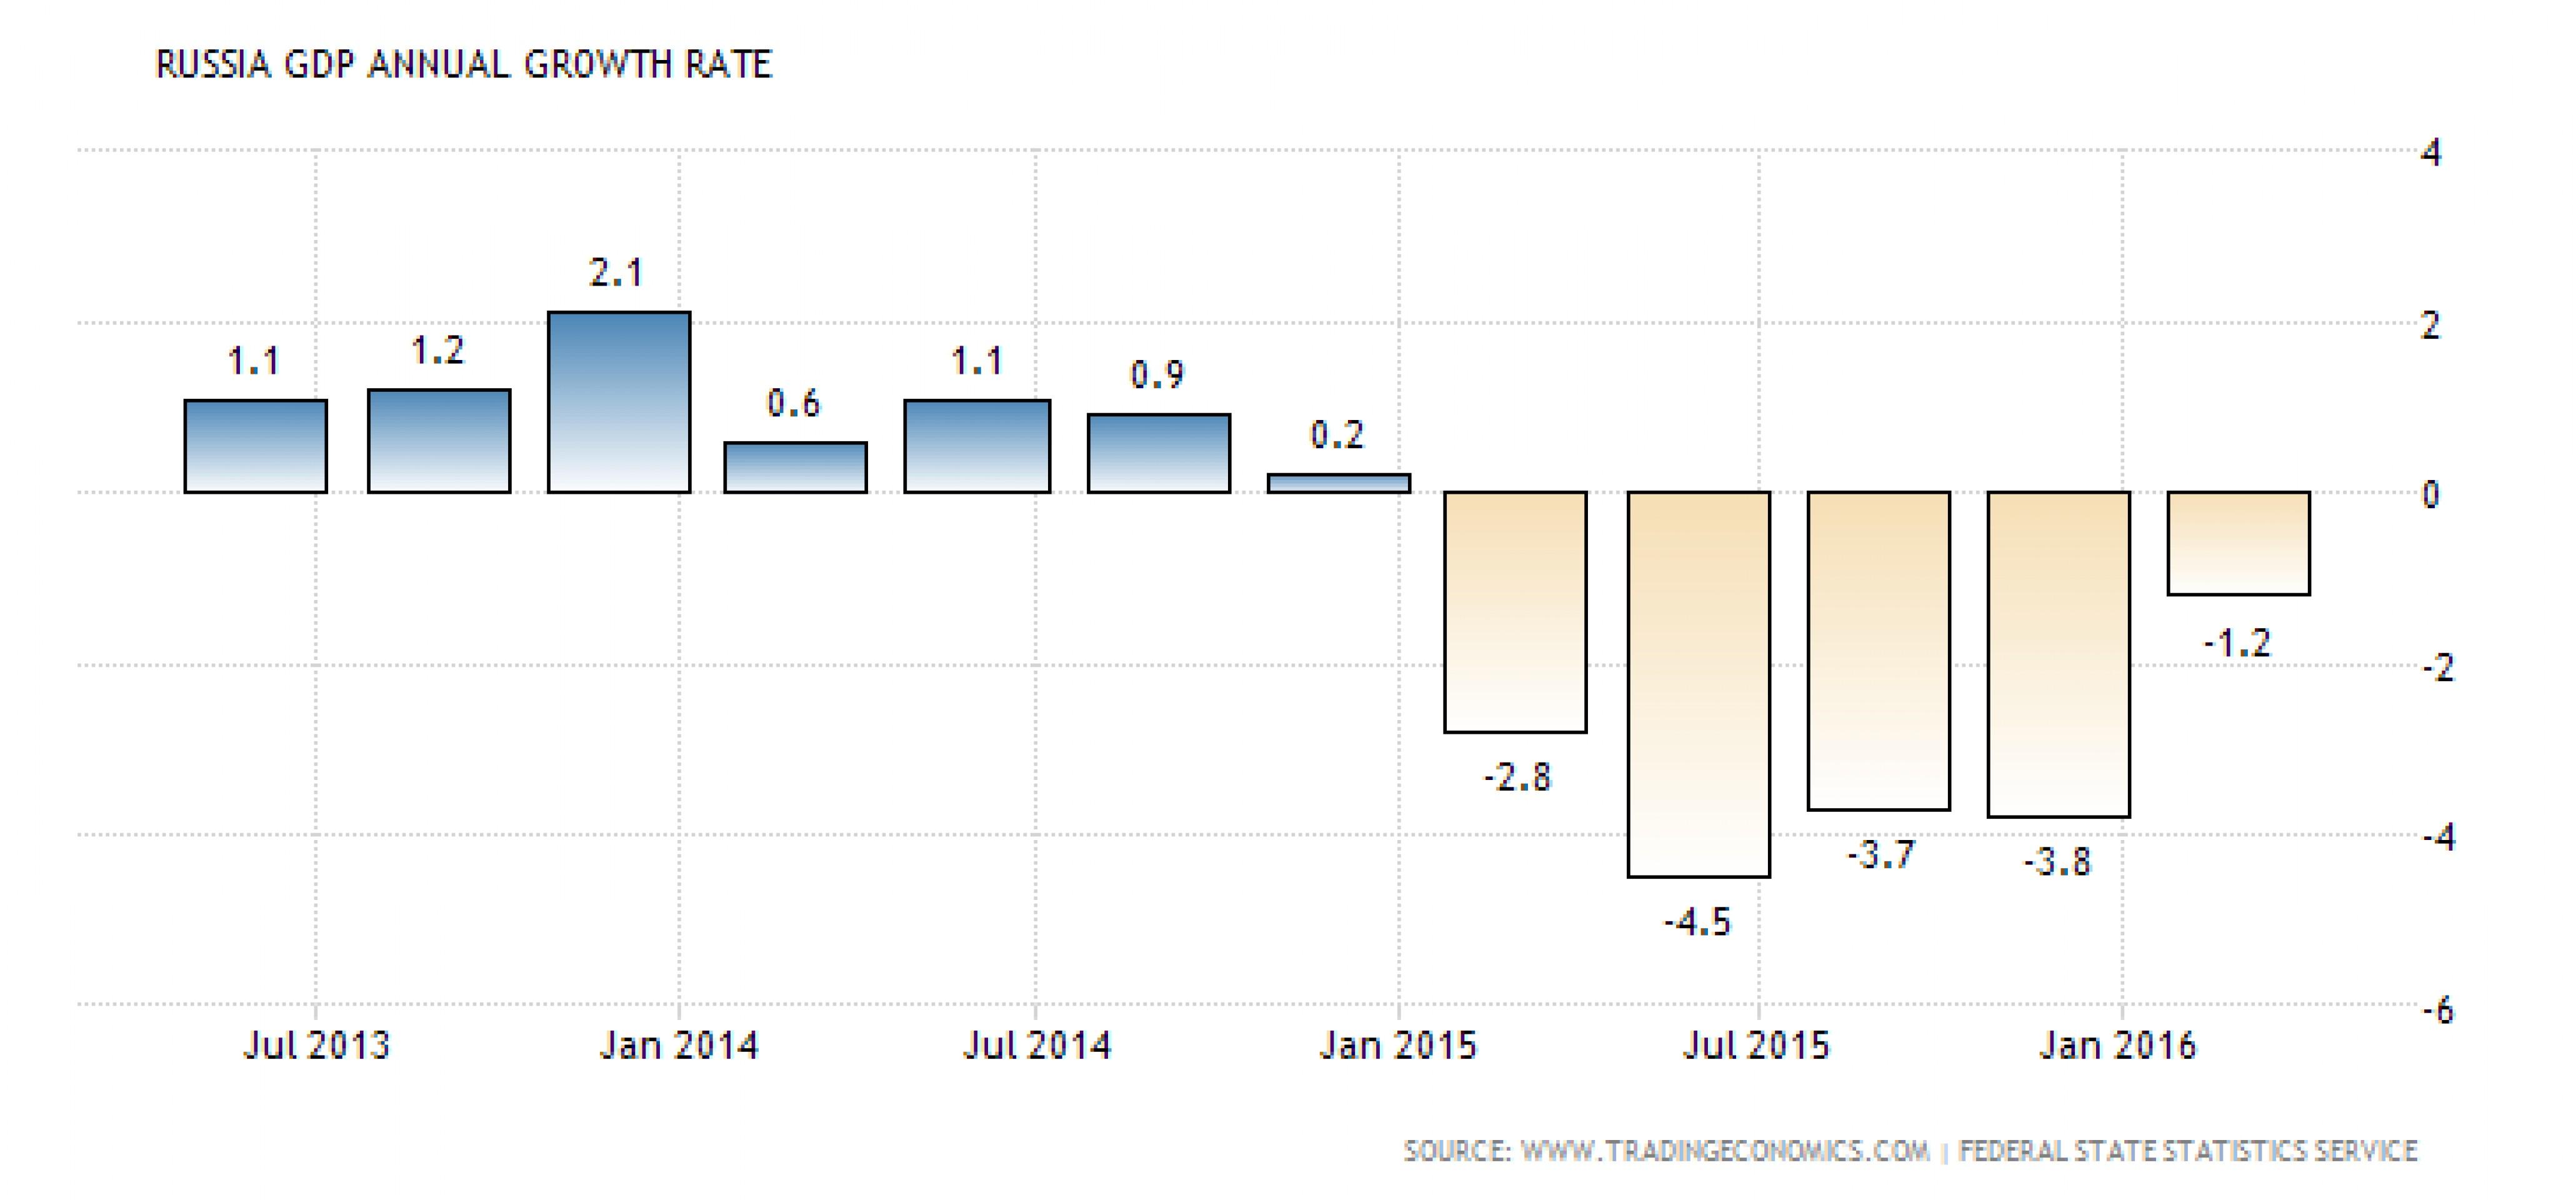 Крепкий рубль убивает экономический рост в РФ